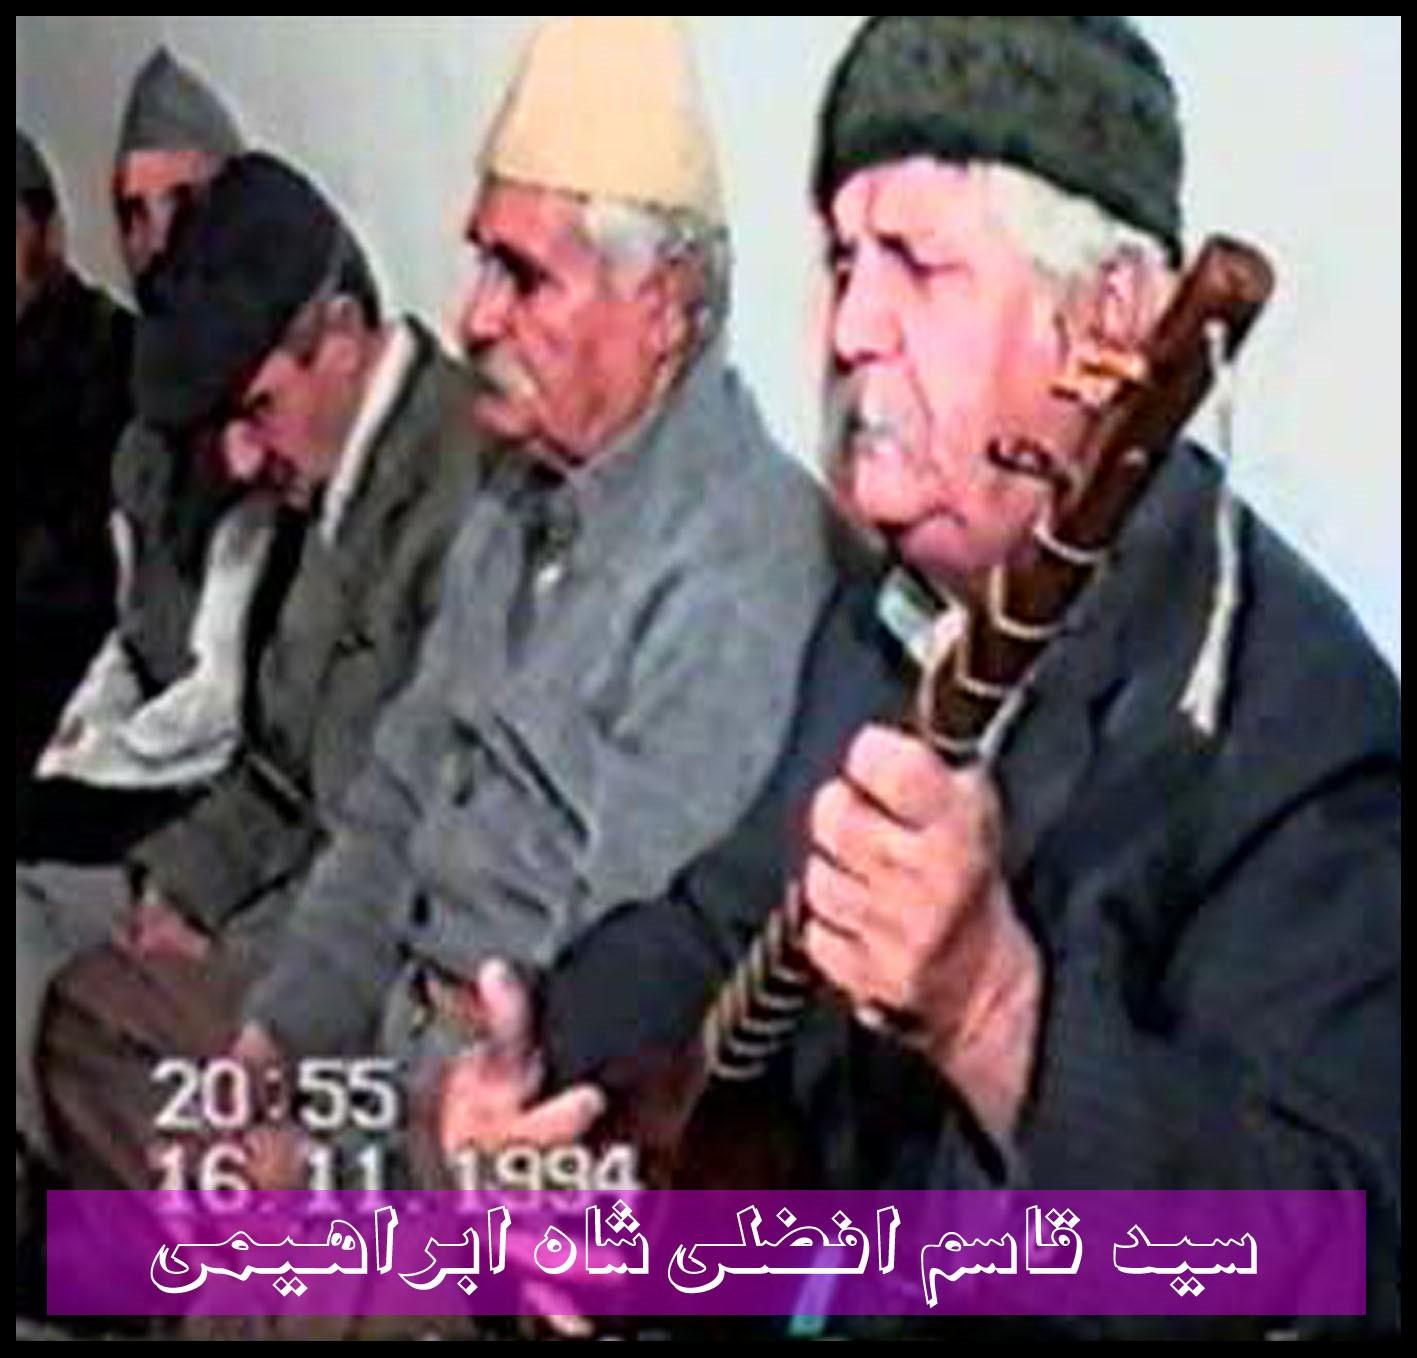 سيد قاسم افضلي شاه ابراهيمي